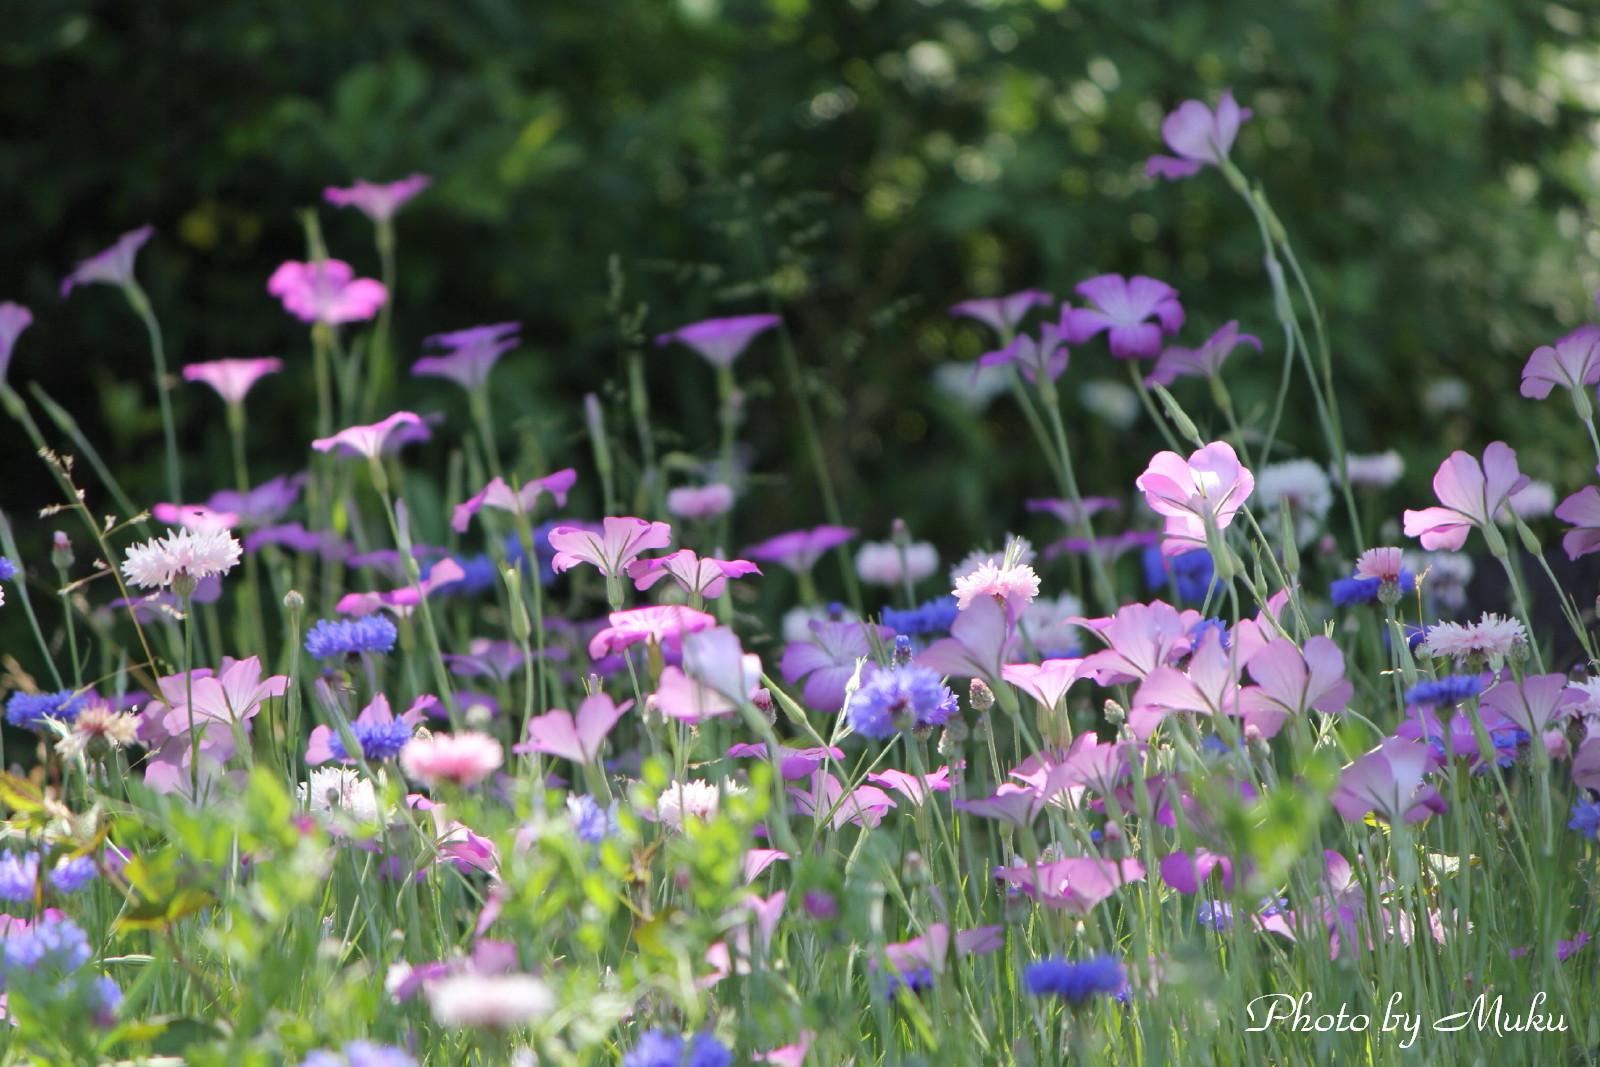 2014/05/18 矢車草と麦なでしこ(観音崎公園:神奈川県横須賀市)